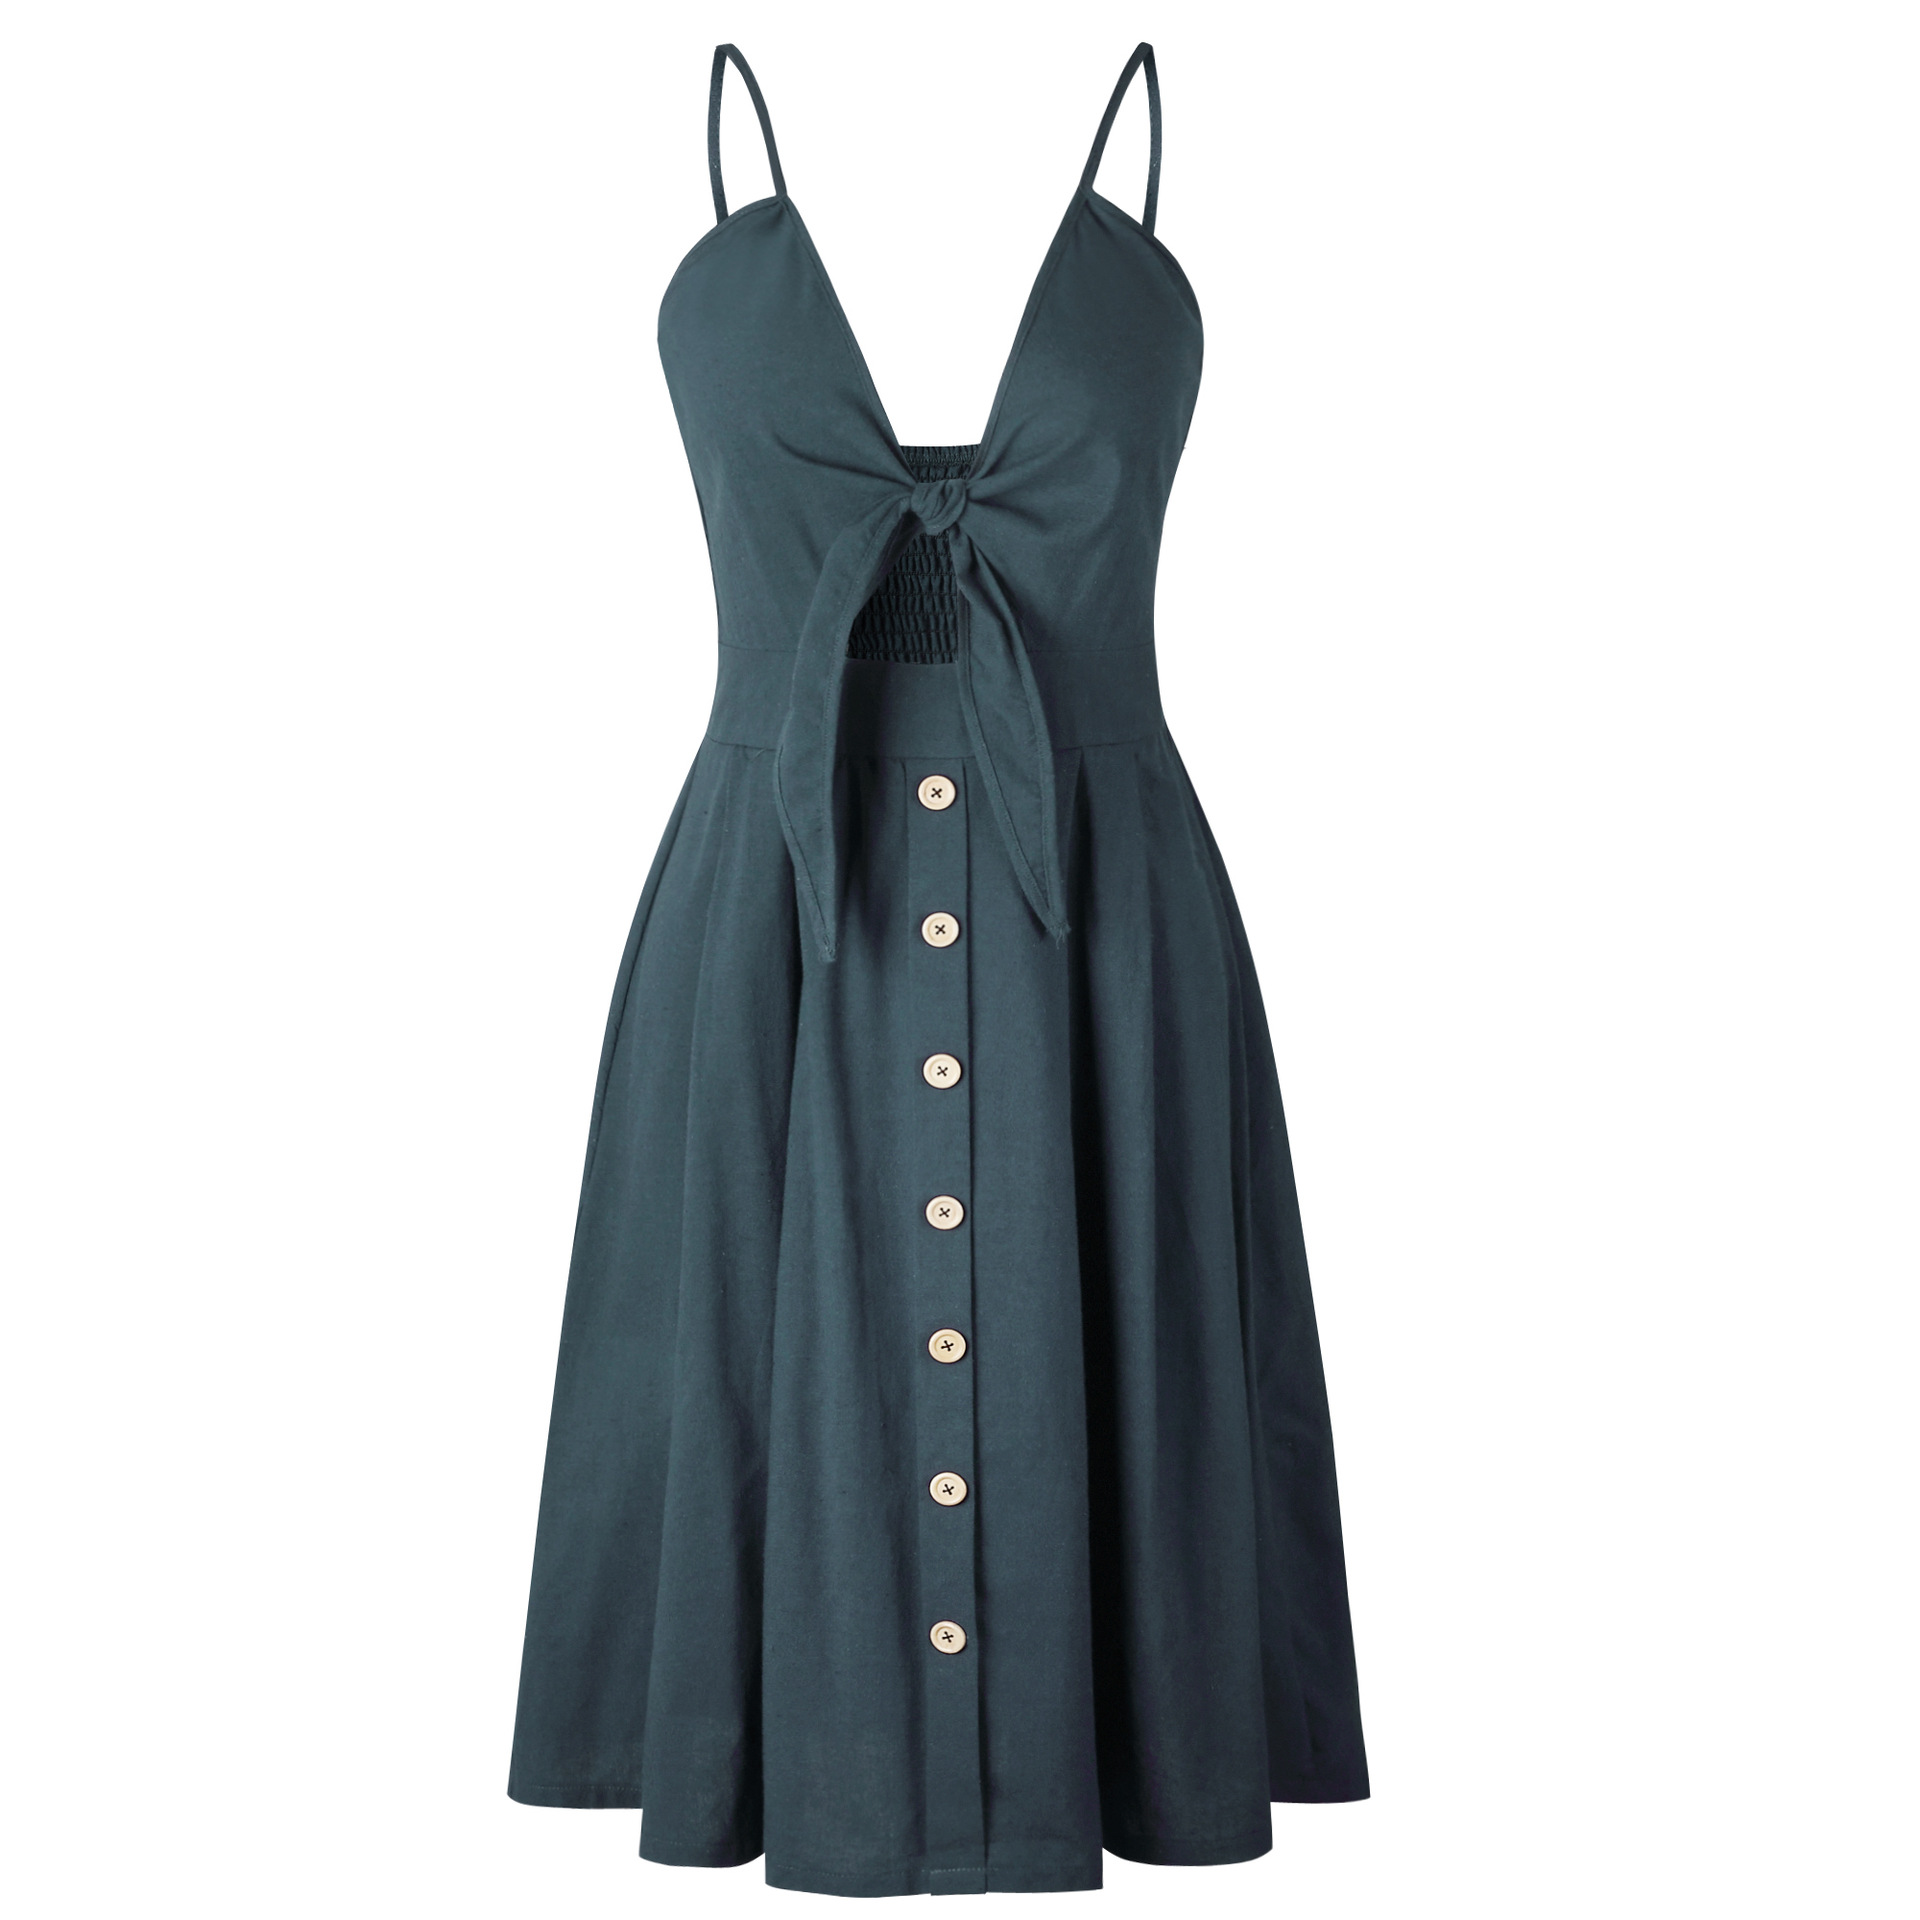 Sexy Bow Backless Polka Dots Print Beach Summer Dress Women 2018 Cotton Deep V Neck Buttons